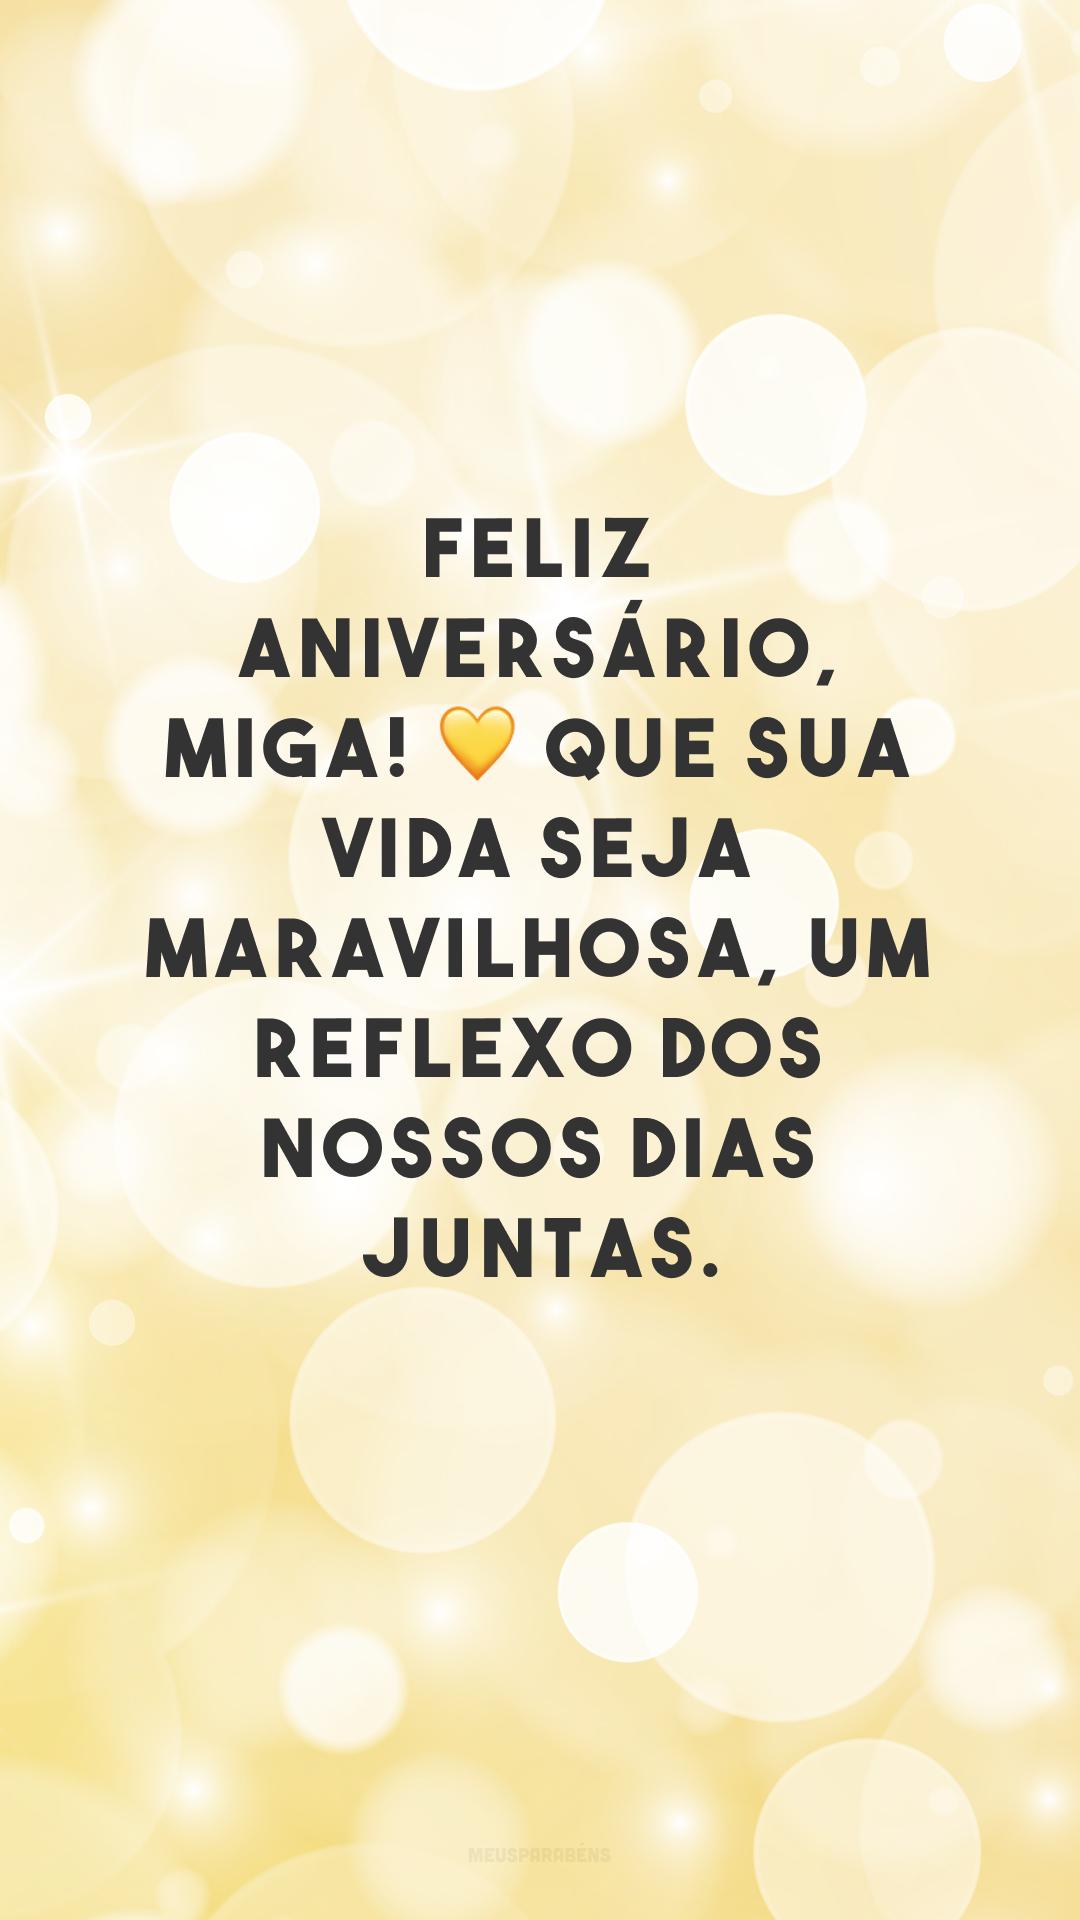 Feliz aniversário, miga! 💛 Que sua vida seja maravilhosa, um reflexo dos nossos dias juntas.